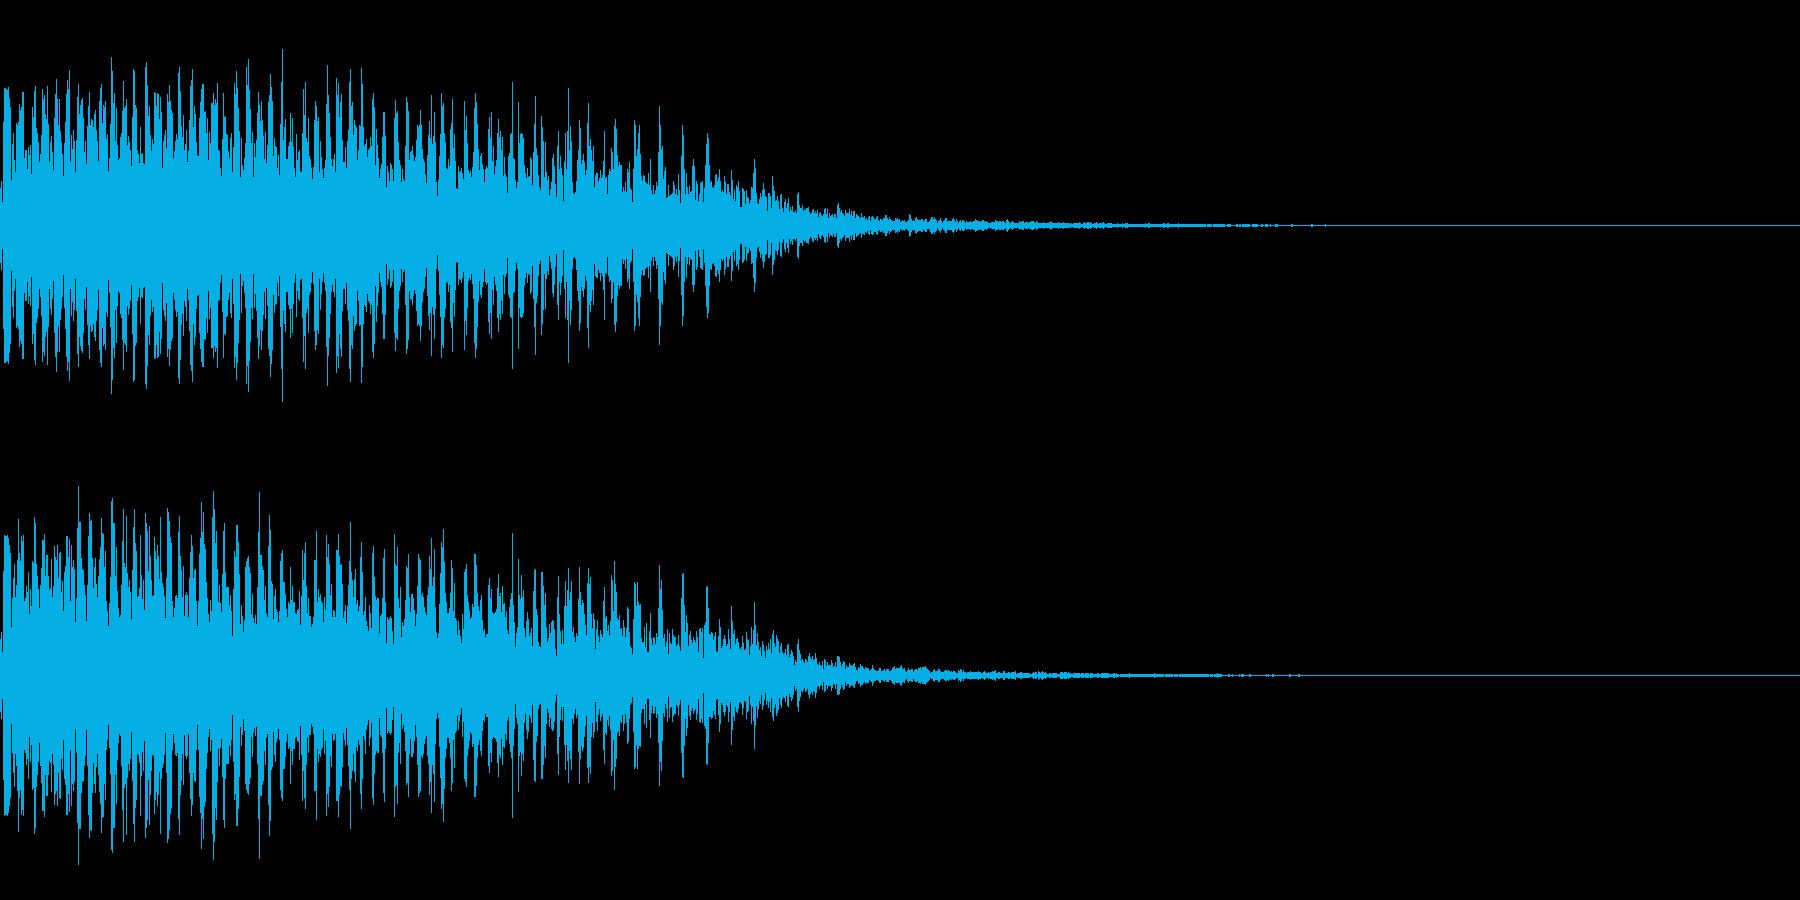 「カーッ!」和風インパクトビブラスラップの再生済みの波形